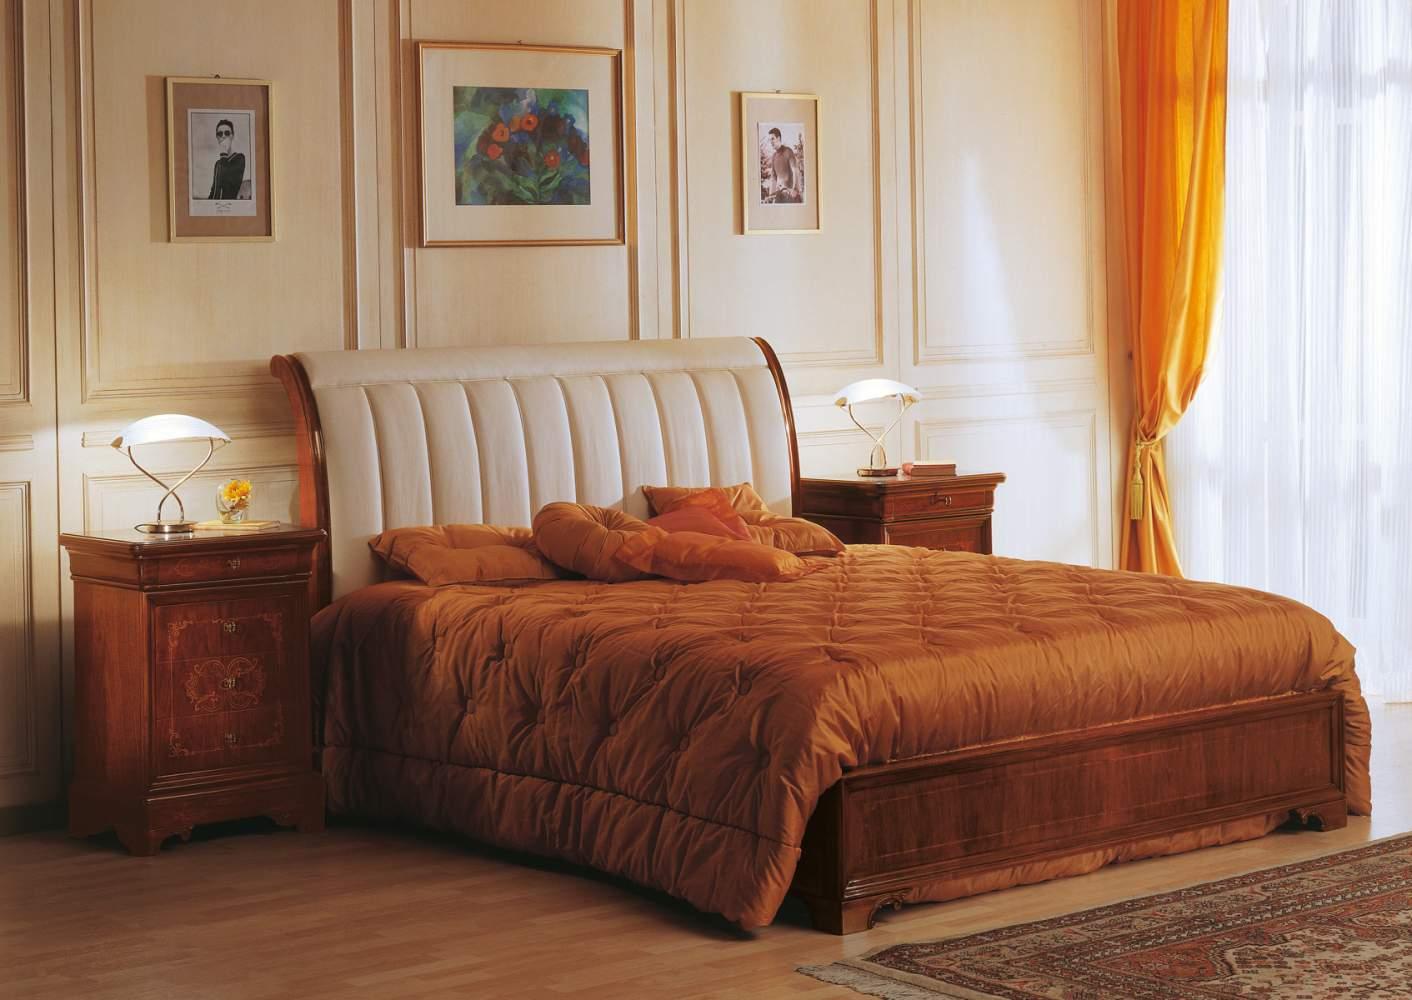 Camera da letto 800 francese, letto con testata in pelle